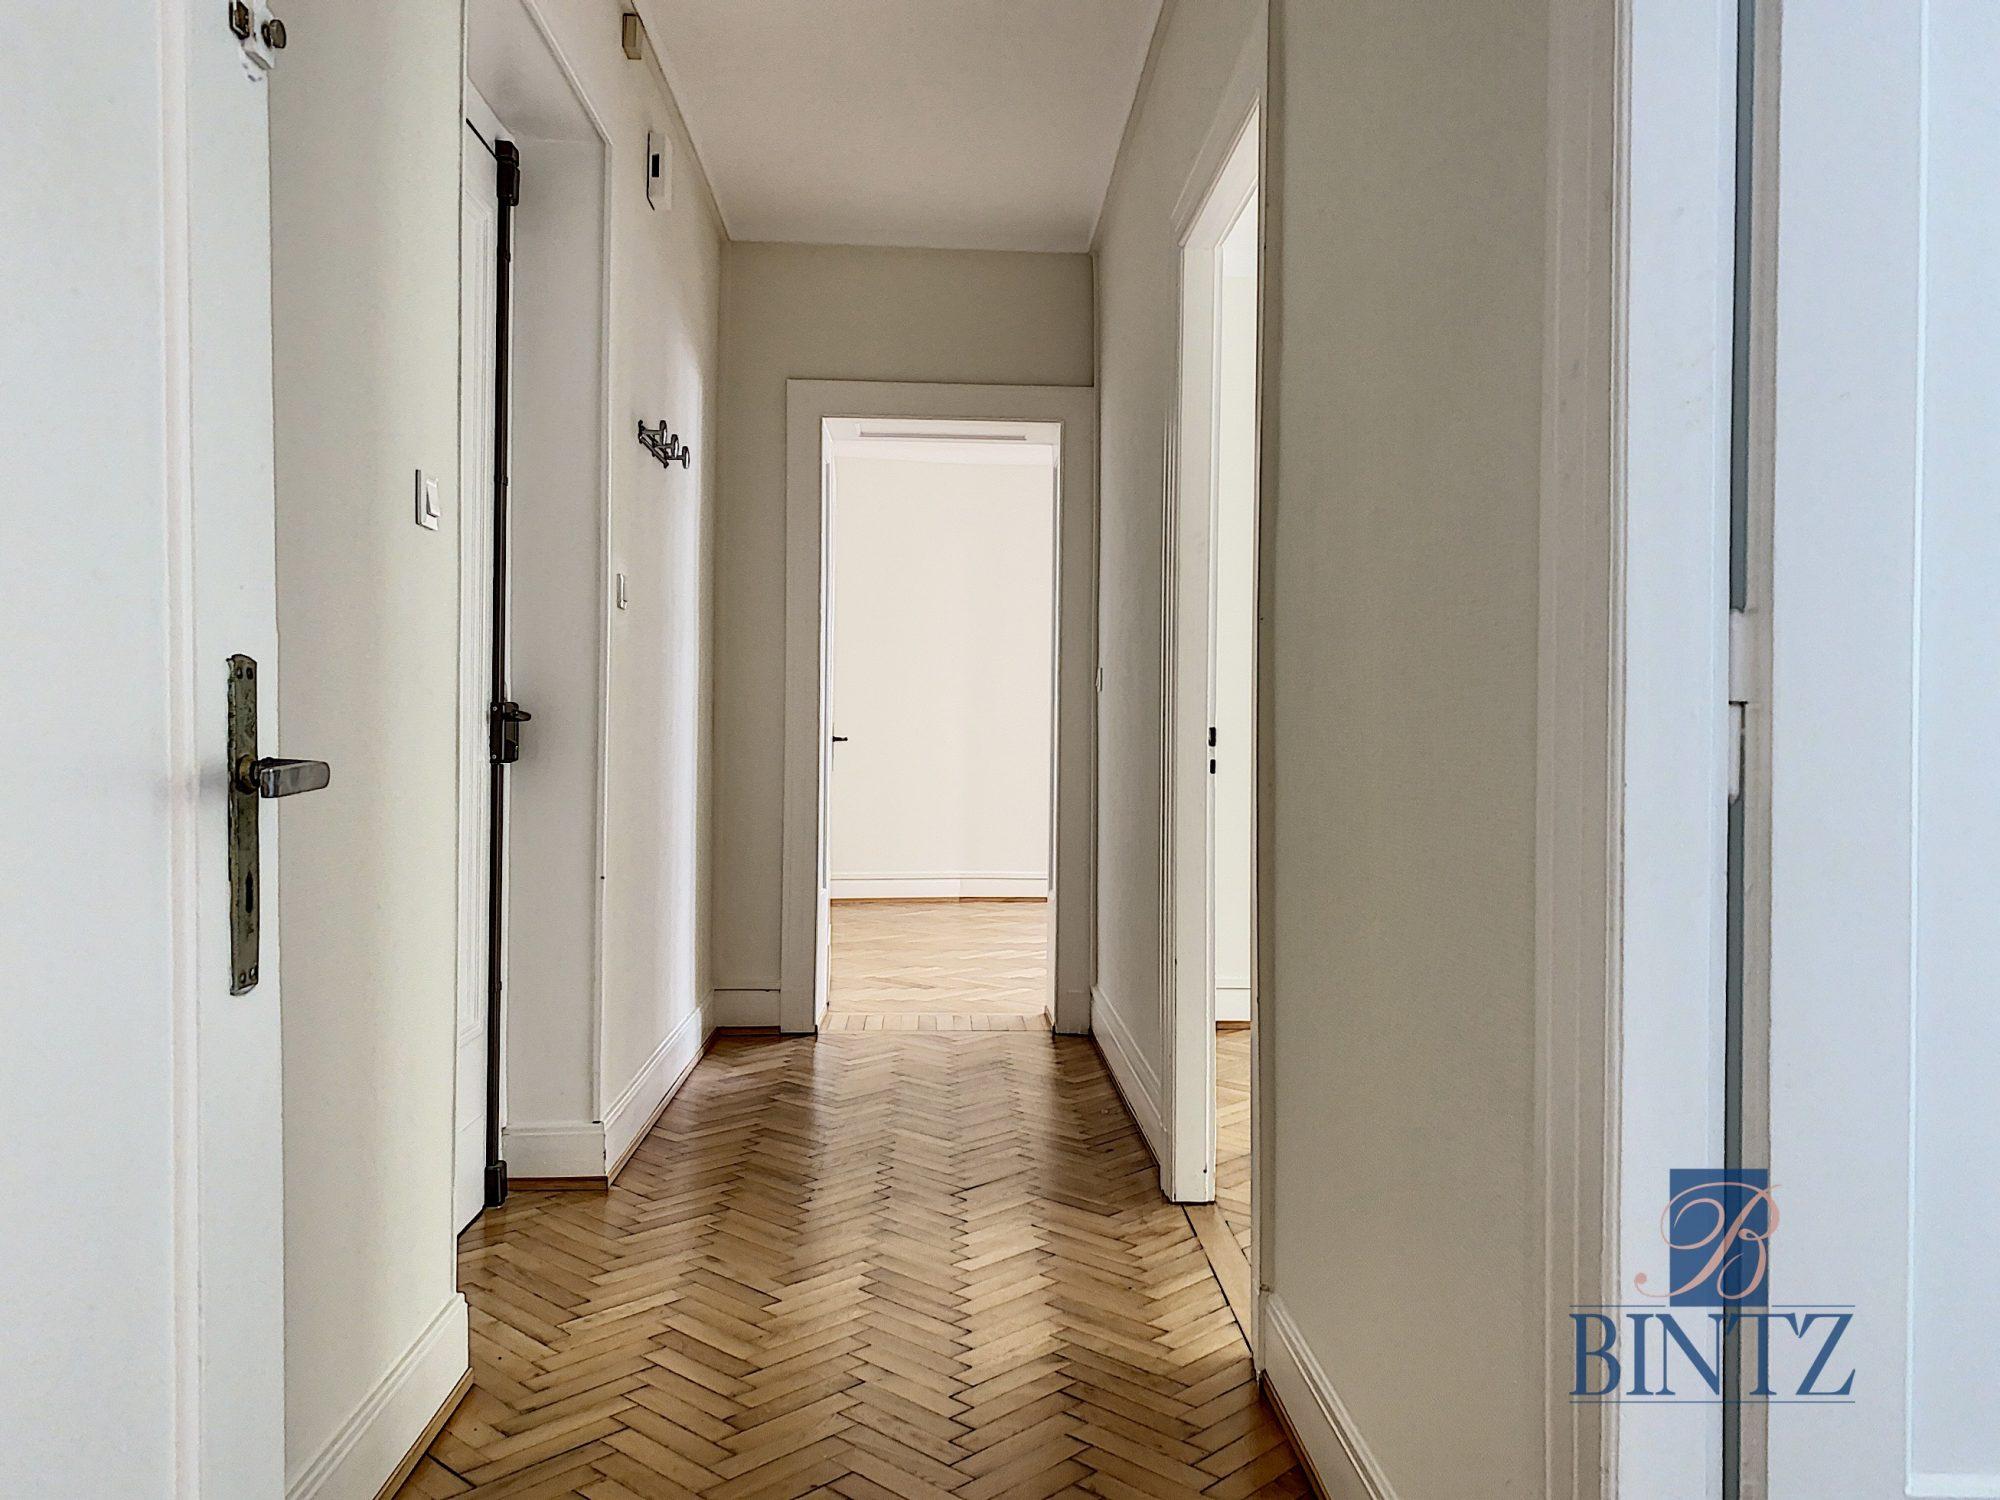 DEUX PIECES RENOVE ORANGERIE - Devenez locataire en toute sérénité - Bintz Immobilier - 11